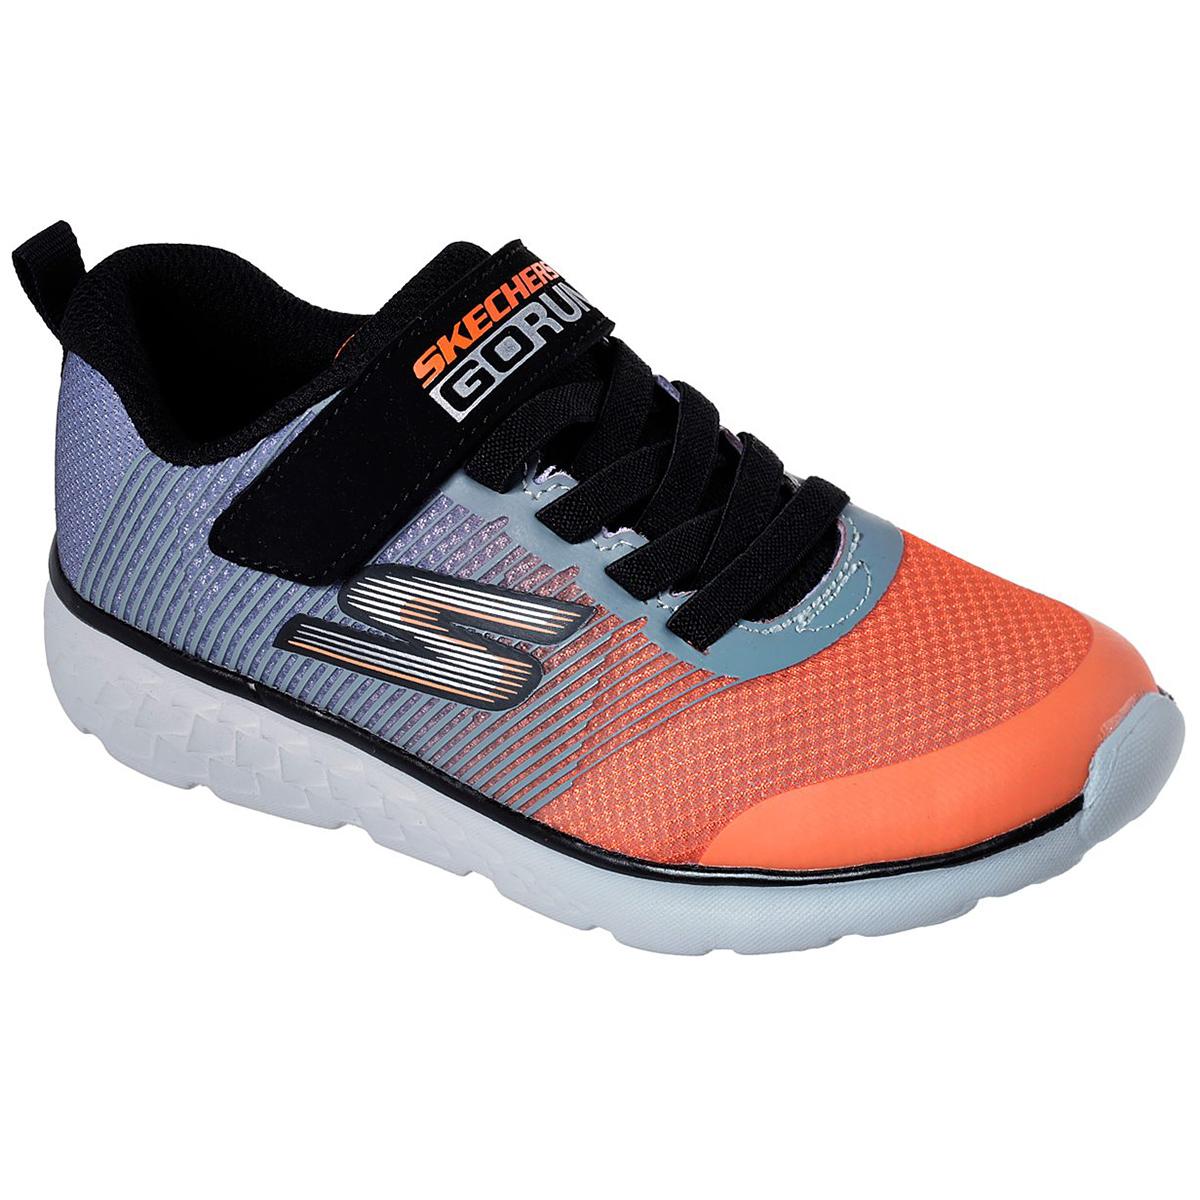 """Skechers Boys' Gorun 400 A """" Kroto Sneakers - Black, 13"""